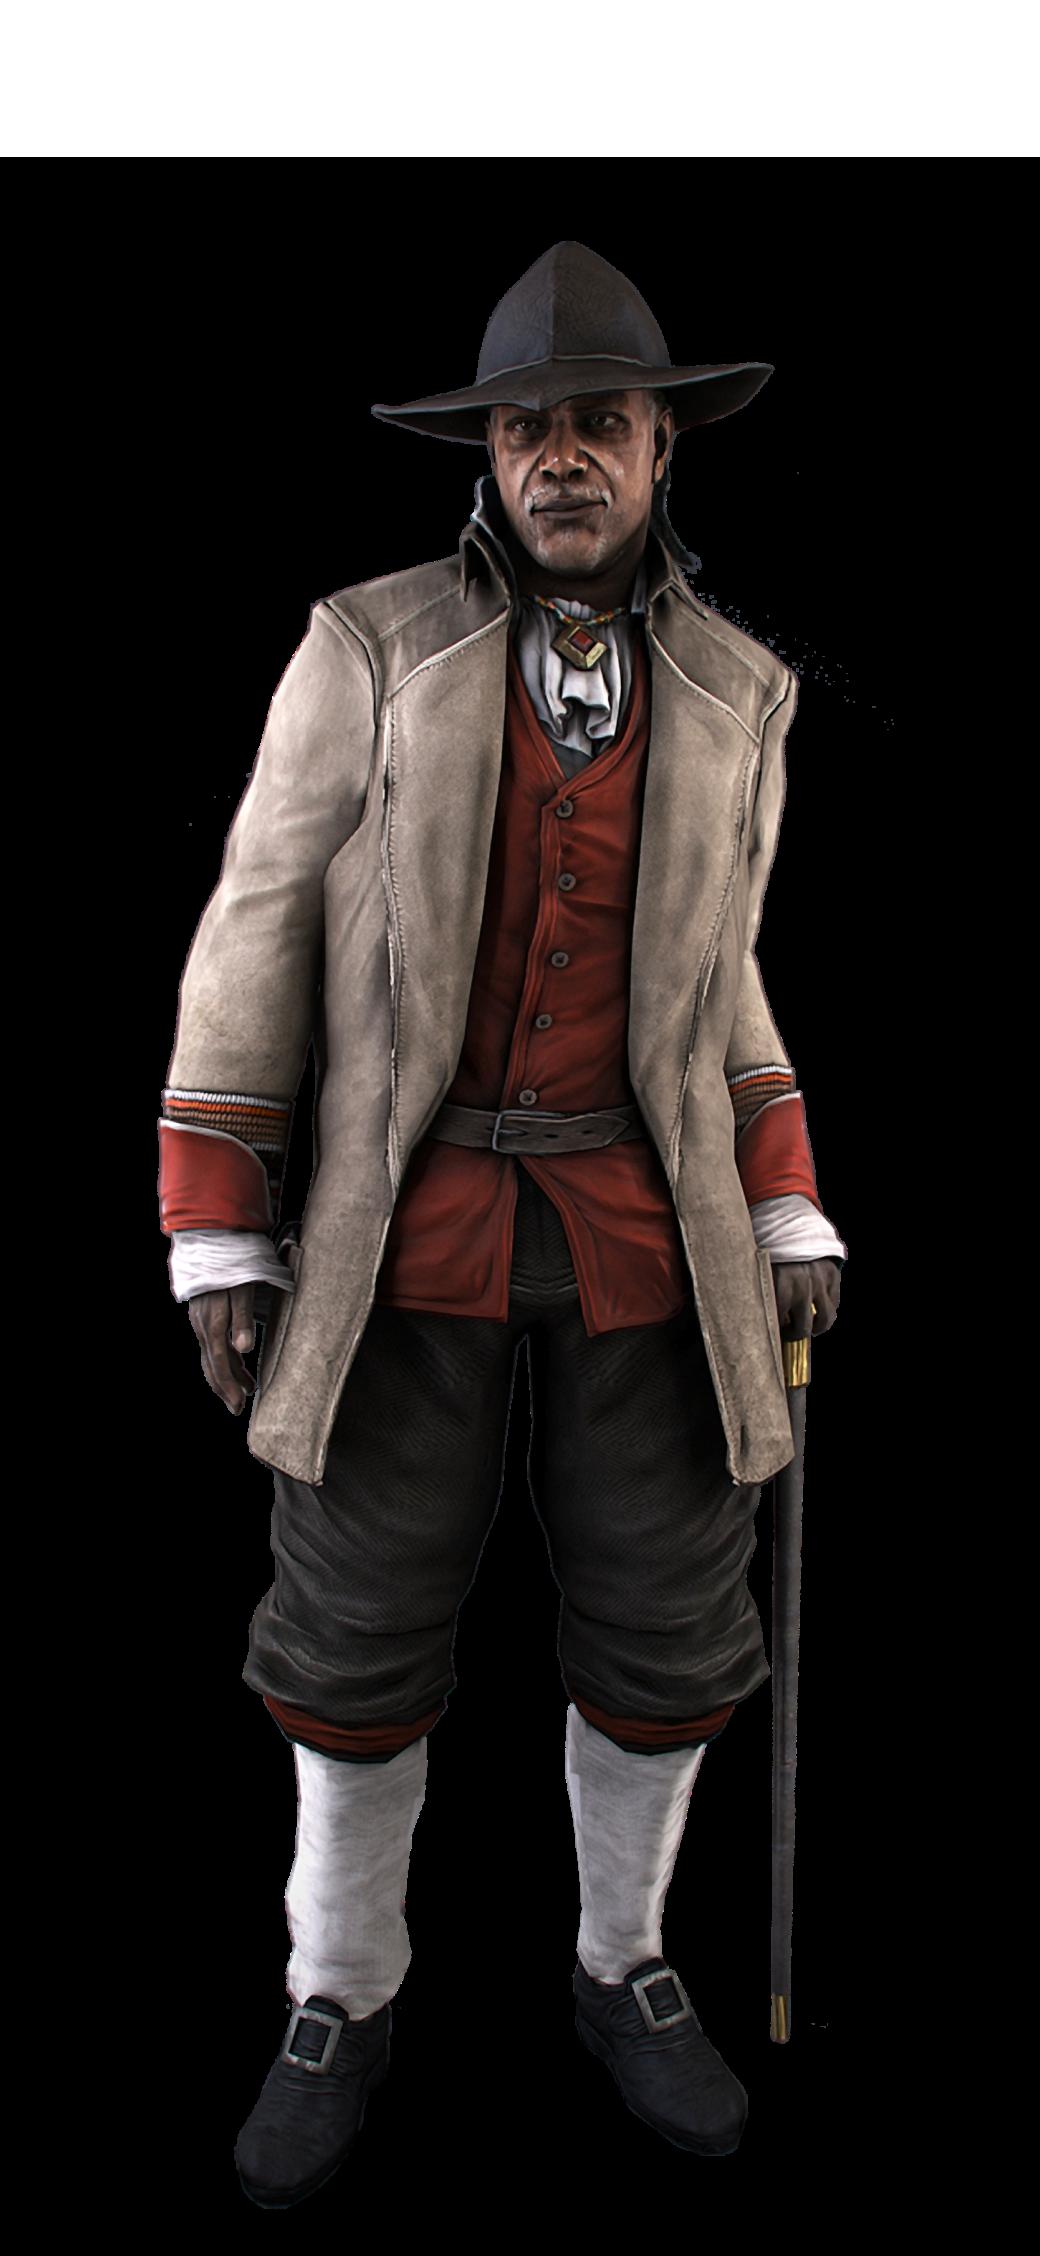 Почему Assassin's Creed Rogue может оказаться провалом - Изображение 11